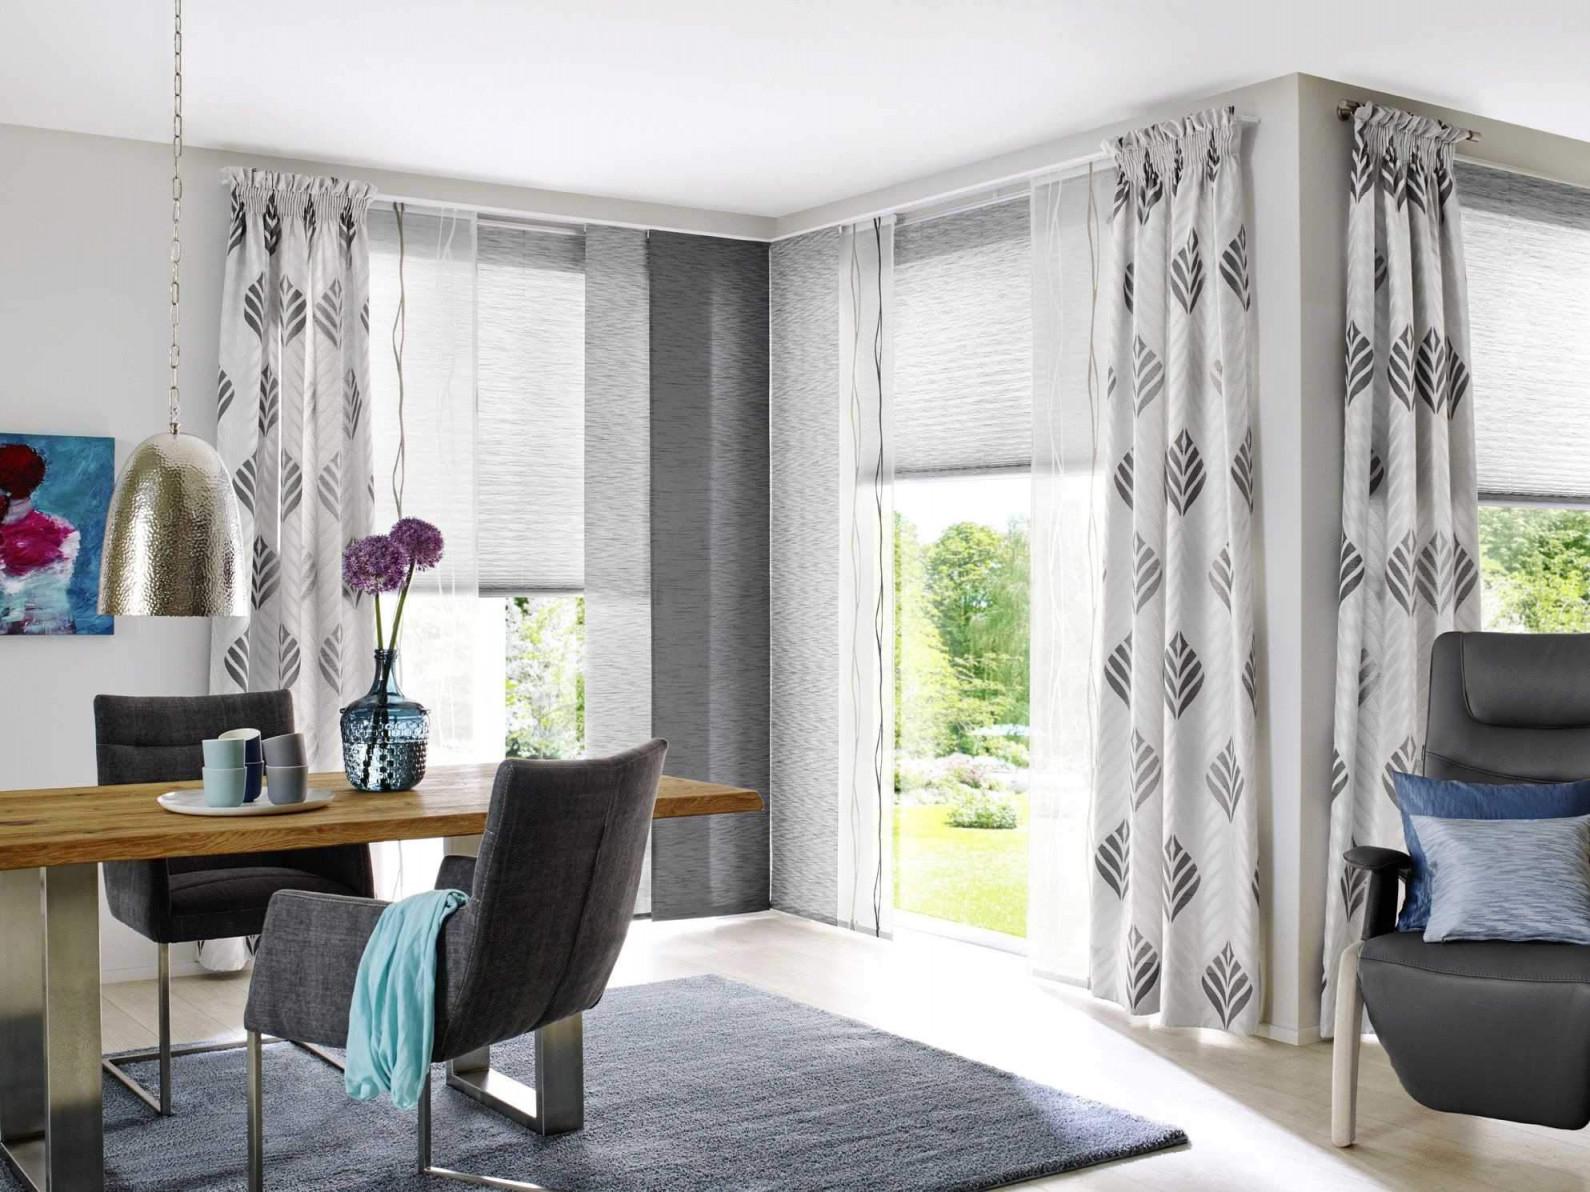 32 Einzigartig Gardinen Wohnzimmer Modern Ideen Schön von Wohnzimmer Gardinen Modern Bild